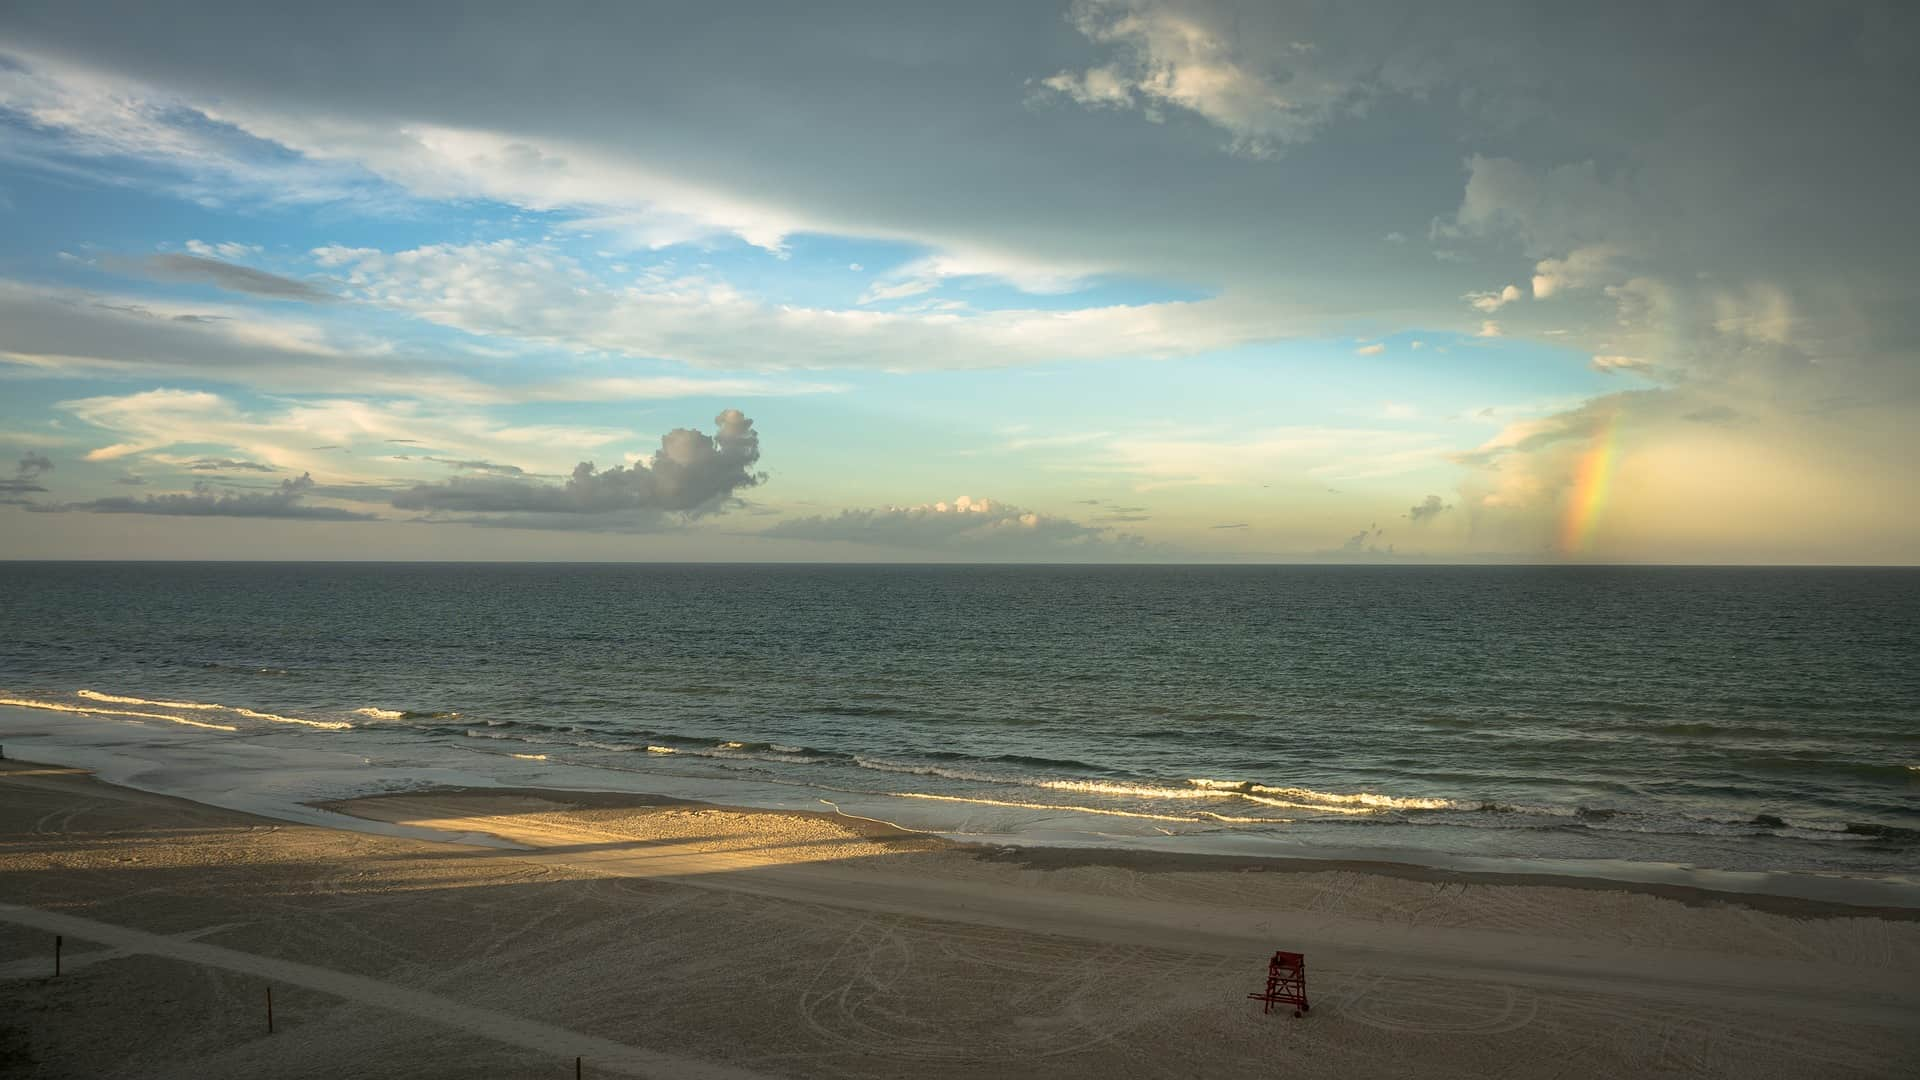 Regenbogen_Sonnenuntergang_Strand